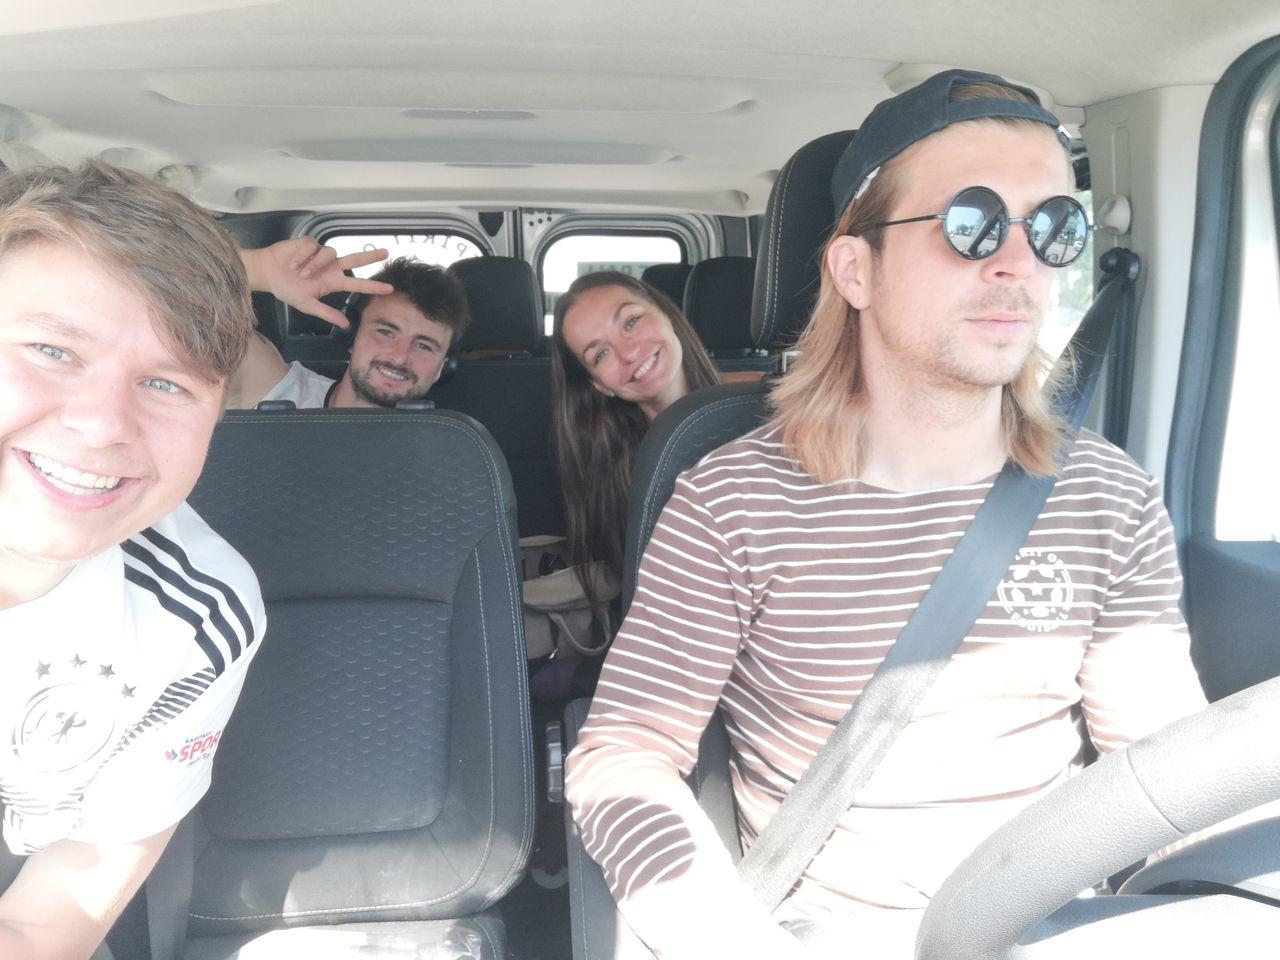 Das Team: Benni, Benny, Anastasia und Martin